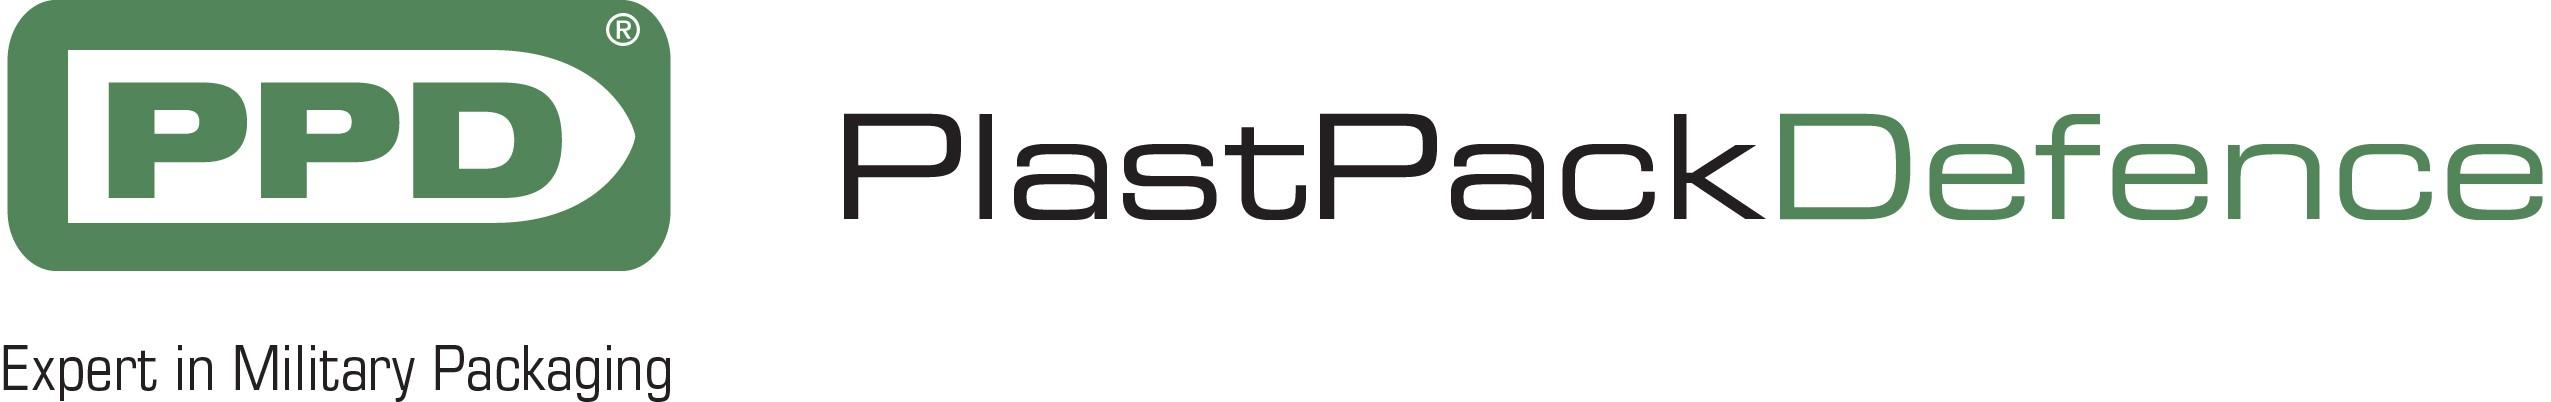 PPD - PlastPack Defence